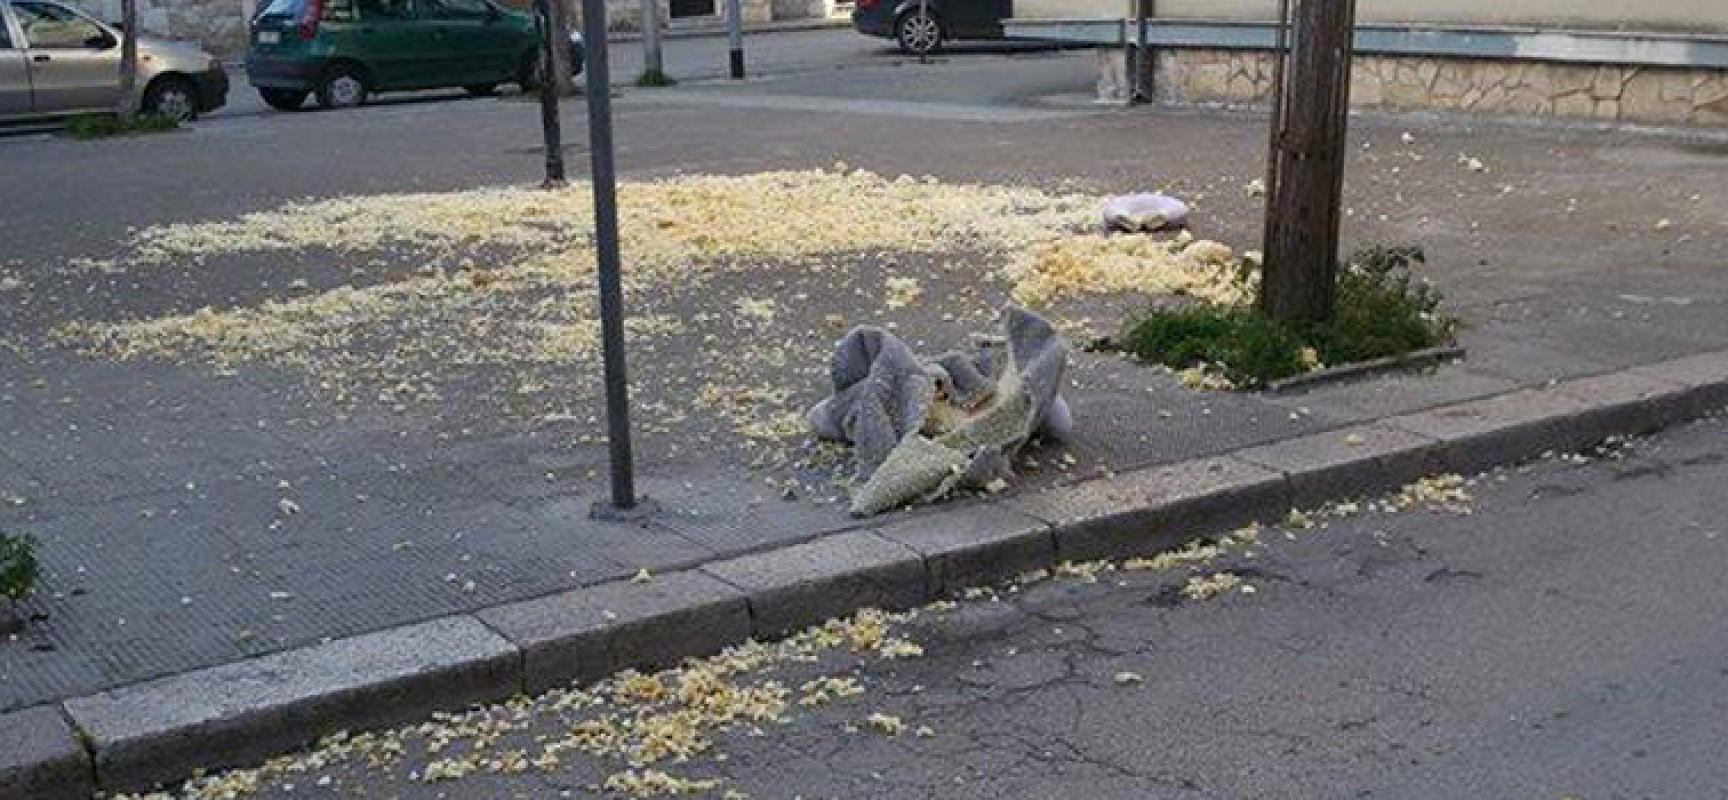 Bravata frutto dello scarso senso civico su via Luigi Papagni in piena ora di punta /FOTO